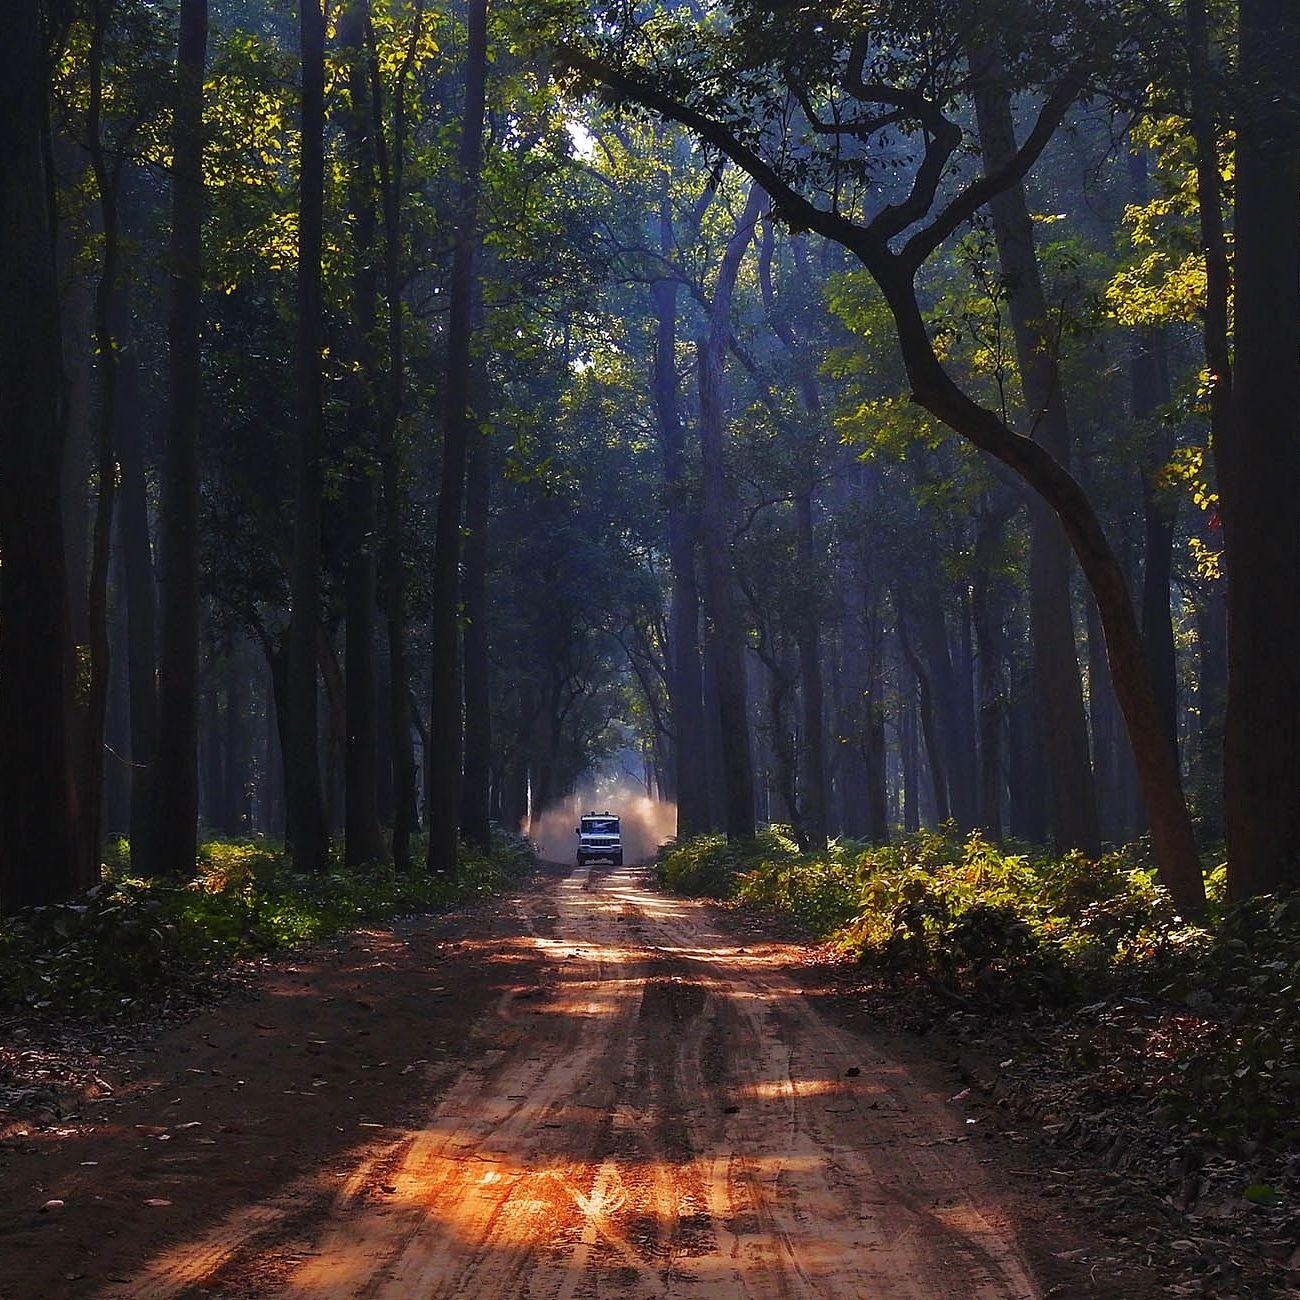 Photo of Dudhwa National Park By Arindam Aditya